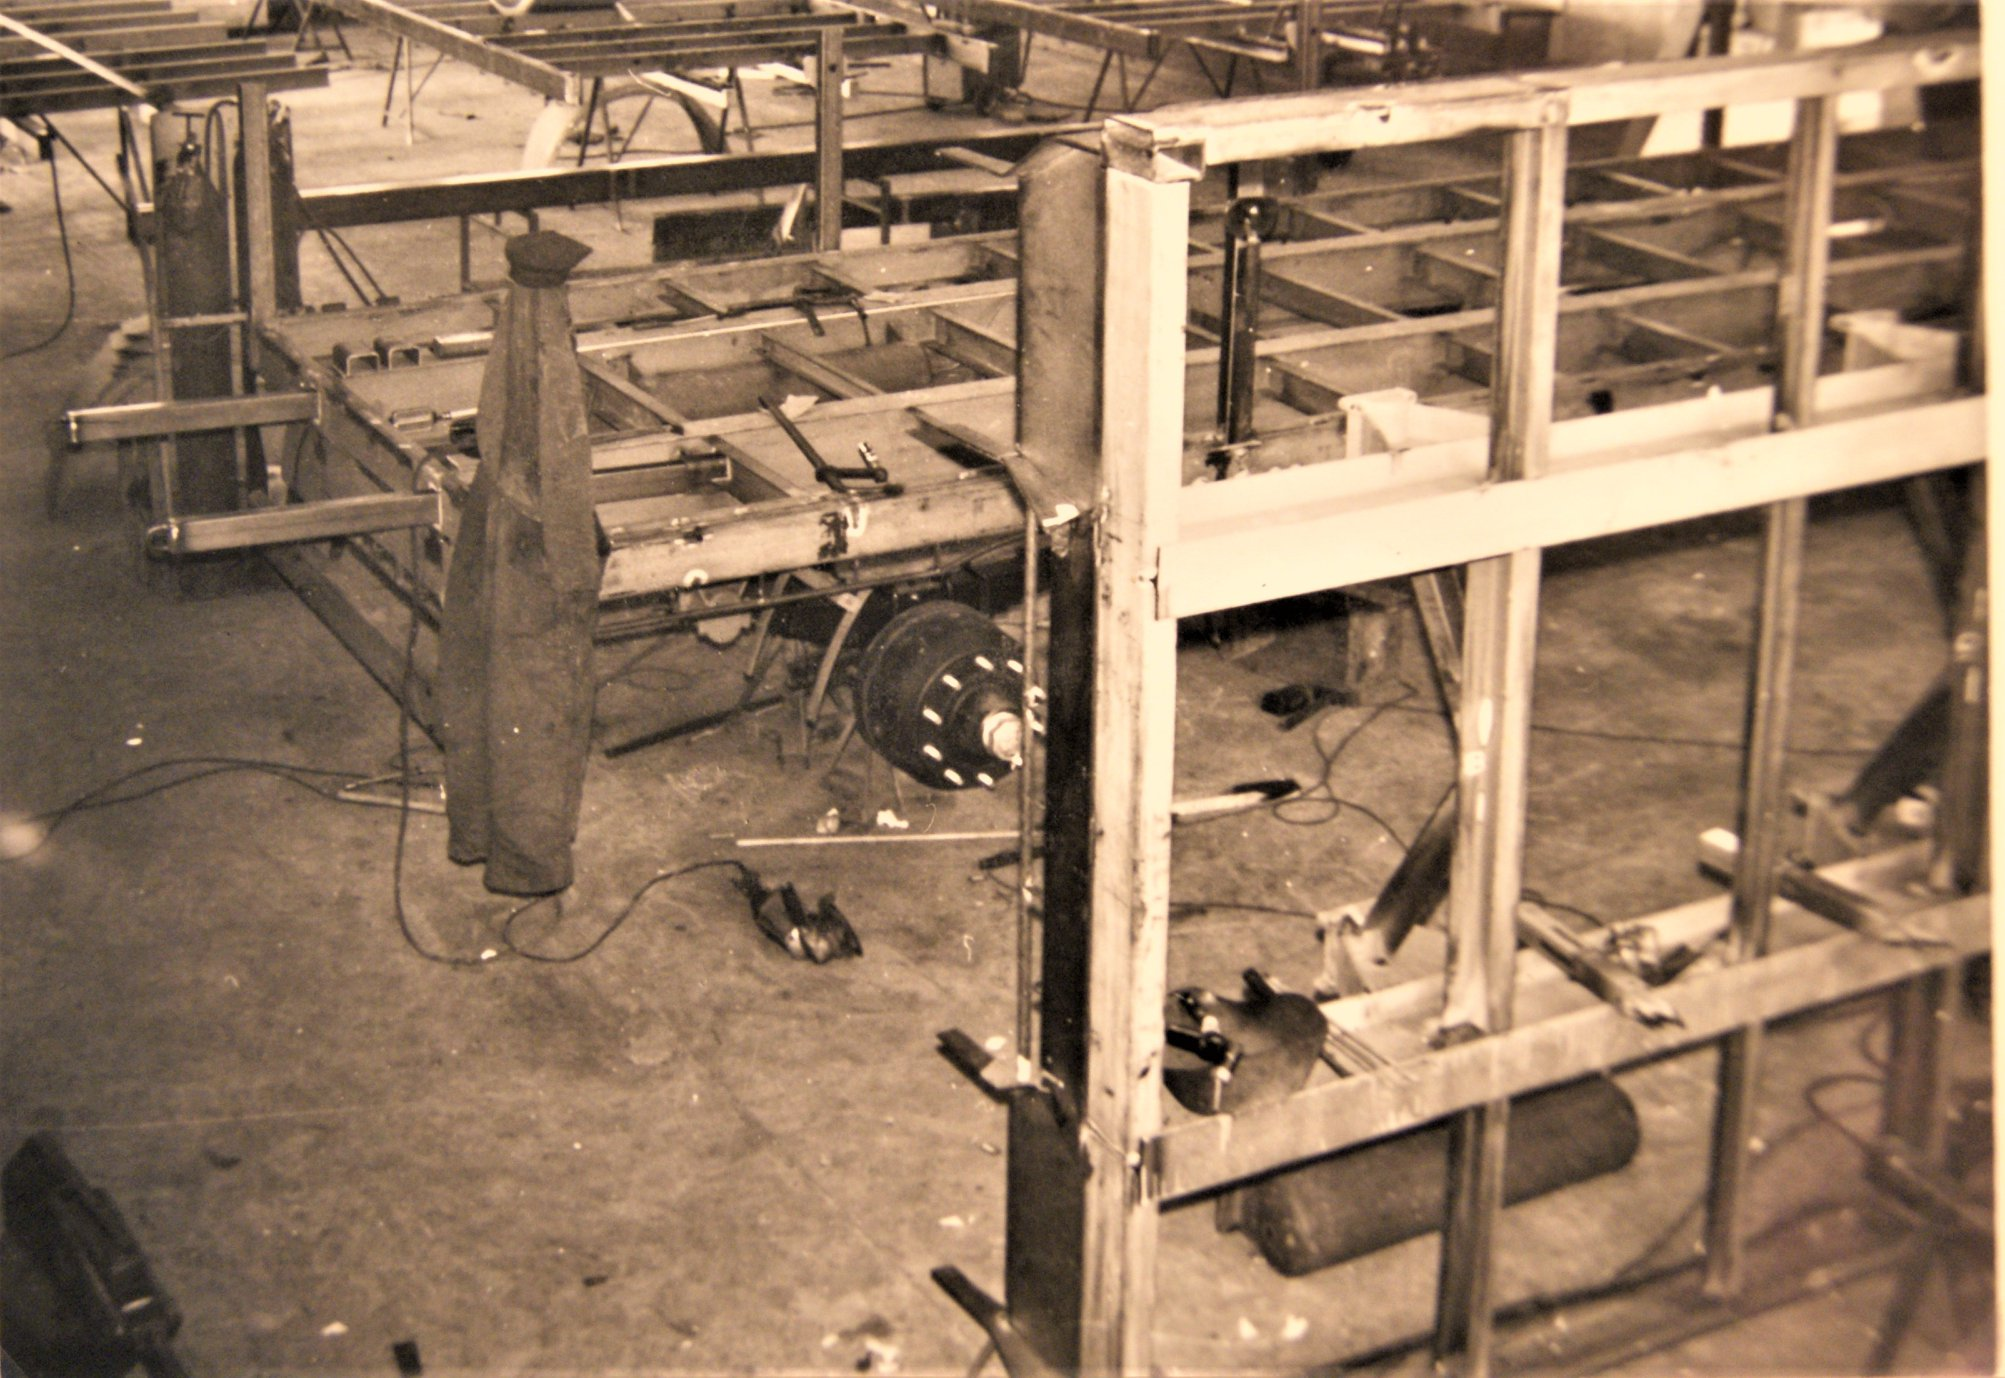 werkplaats-van-Rondaan-in-Beetgum-in-de-jaren-60-70-2